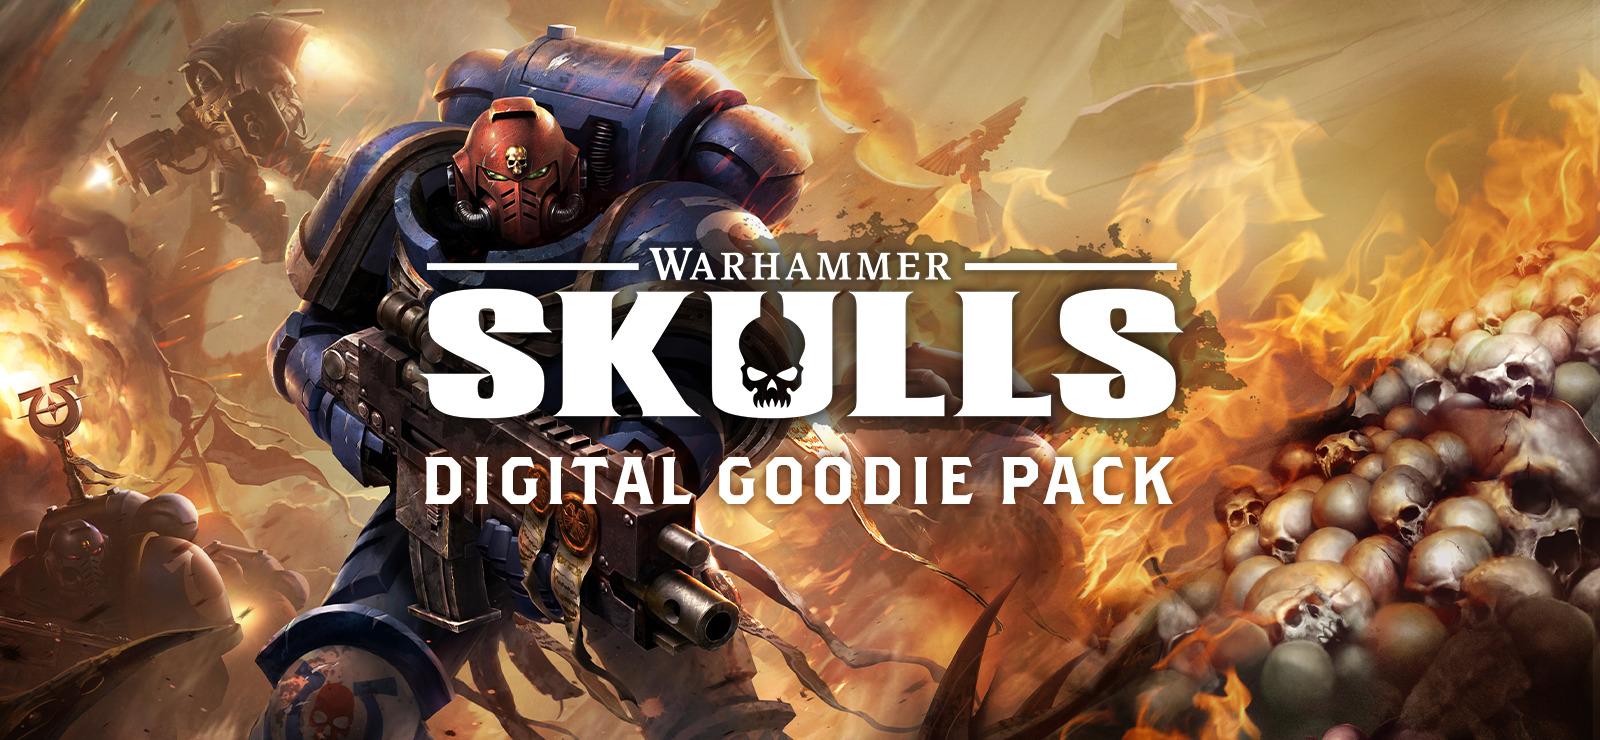 Warhammer Skulls Digital Goodie Pack en GOG